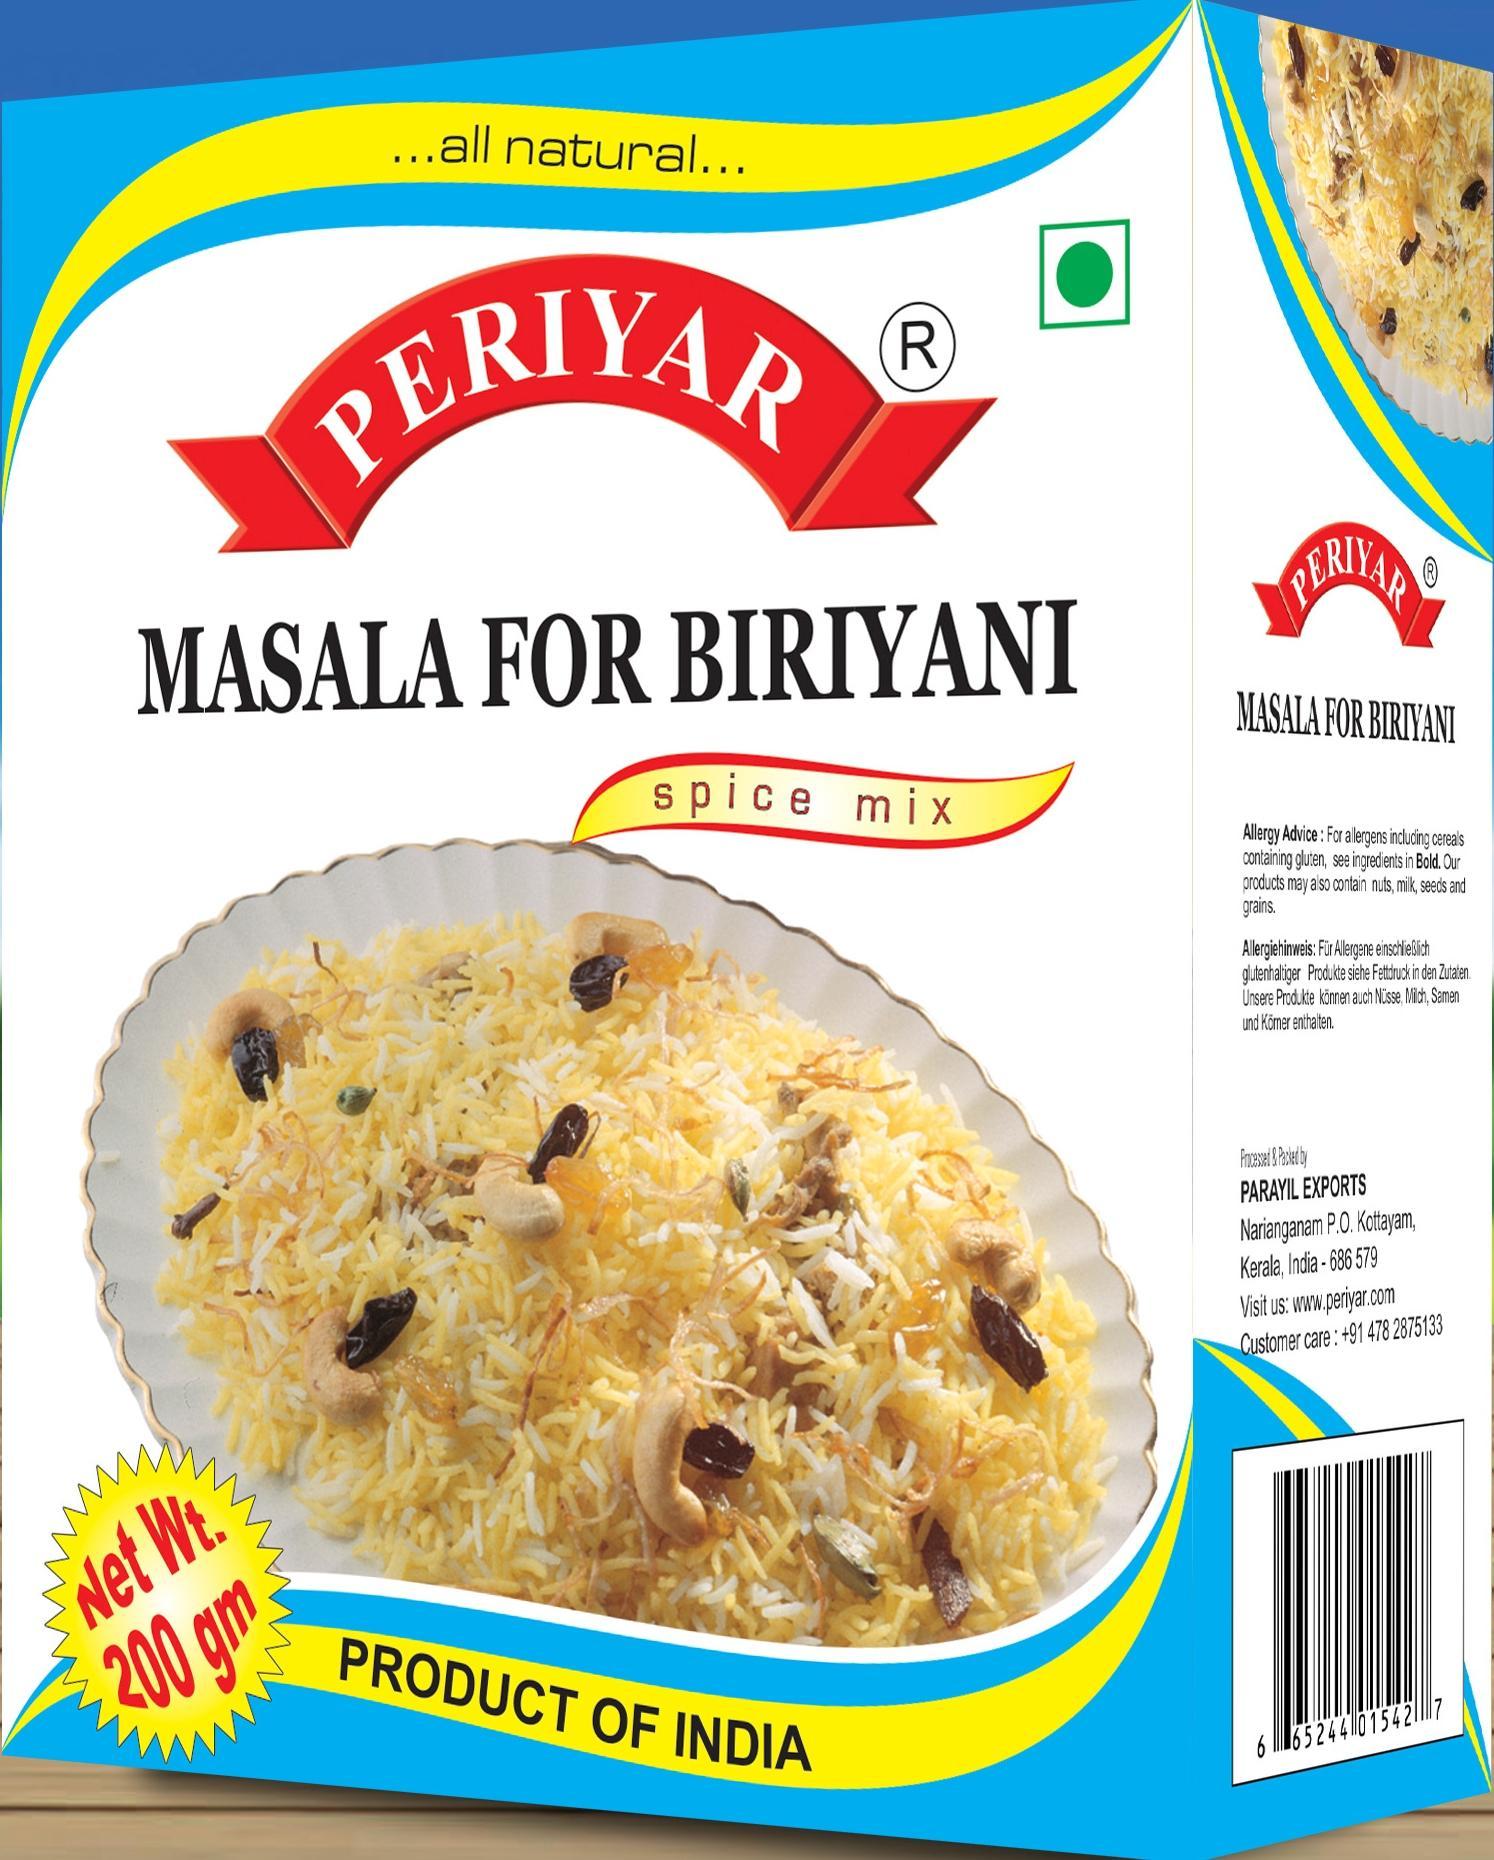 Periyar Masala for Briyani